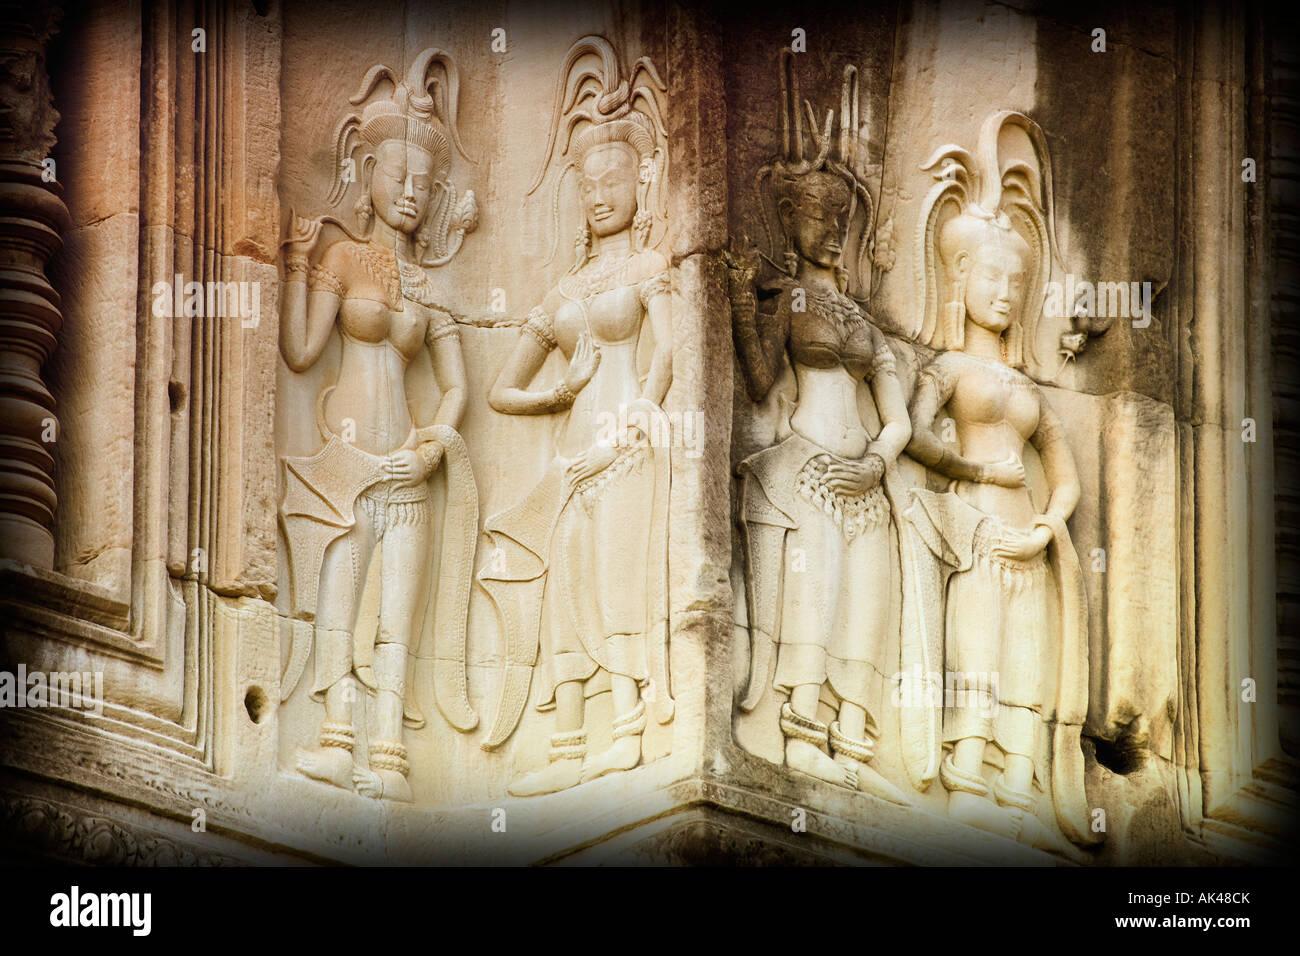 Bas-reliefs of Hindu myths at Angkor Wat, Angkor, Cambodia - Stock Image